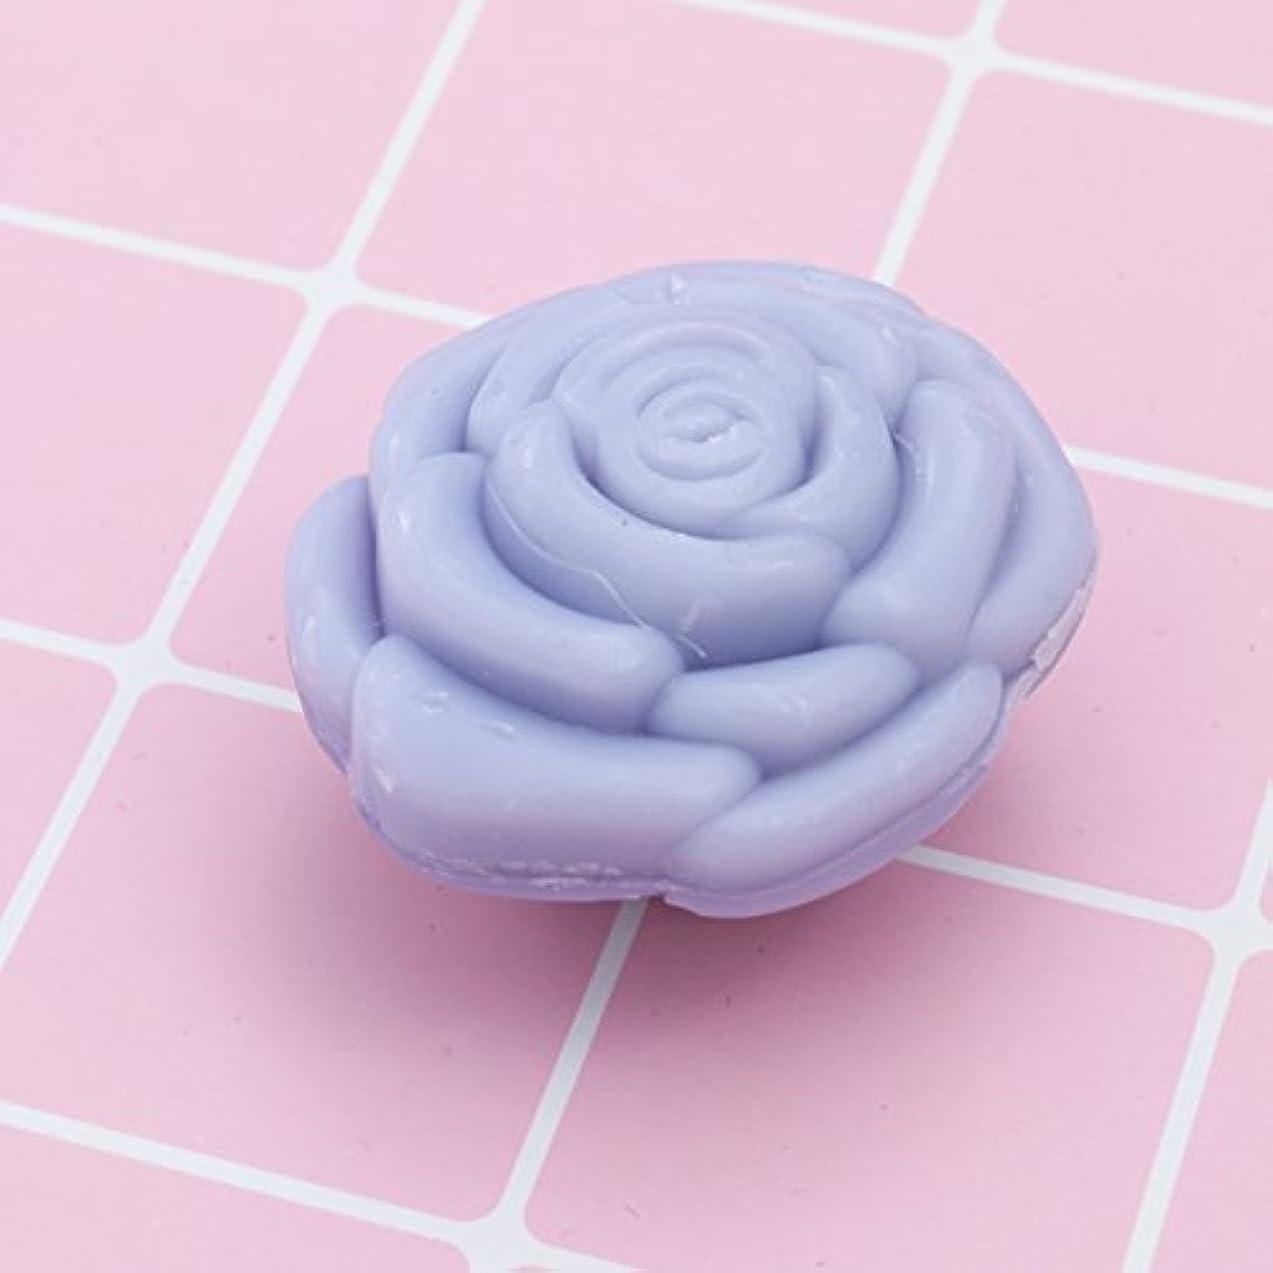 不利ガソリントランクAmosfun 手作り石鹸オイルローズフラワーソープアロマエッセンシャルオイルギフト記念日誕生日結婚式バレンタインデー(紫)20ピース